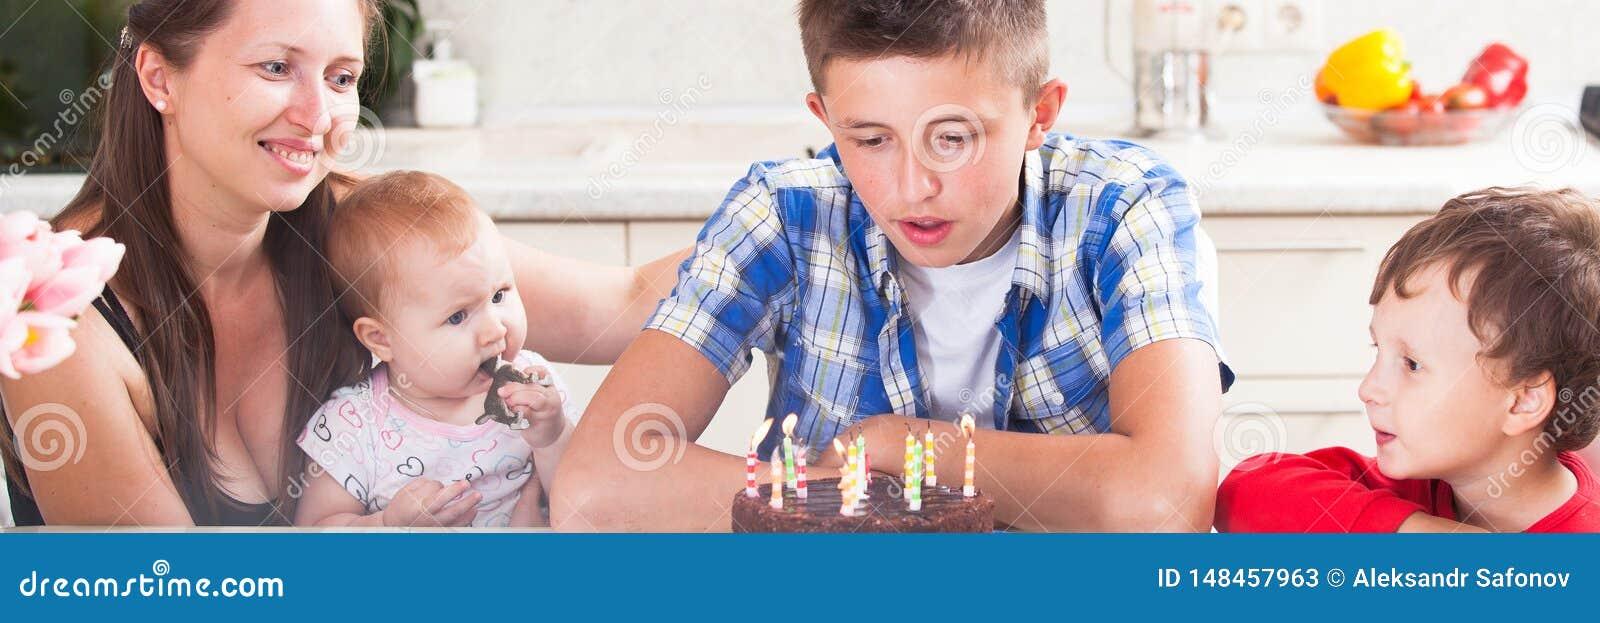 少年吹灭在生日蛋糕的蜡烛